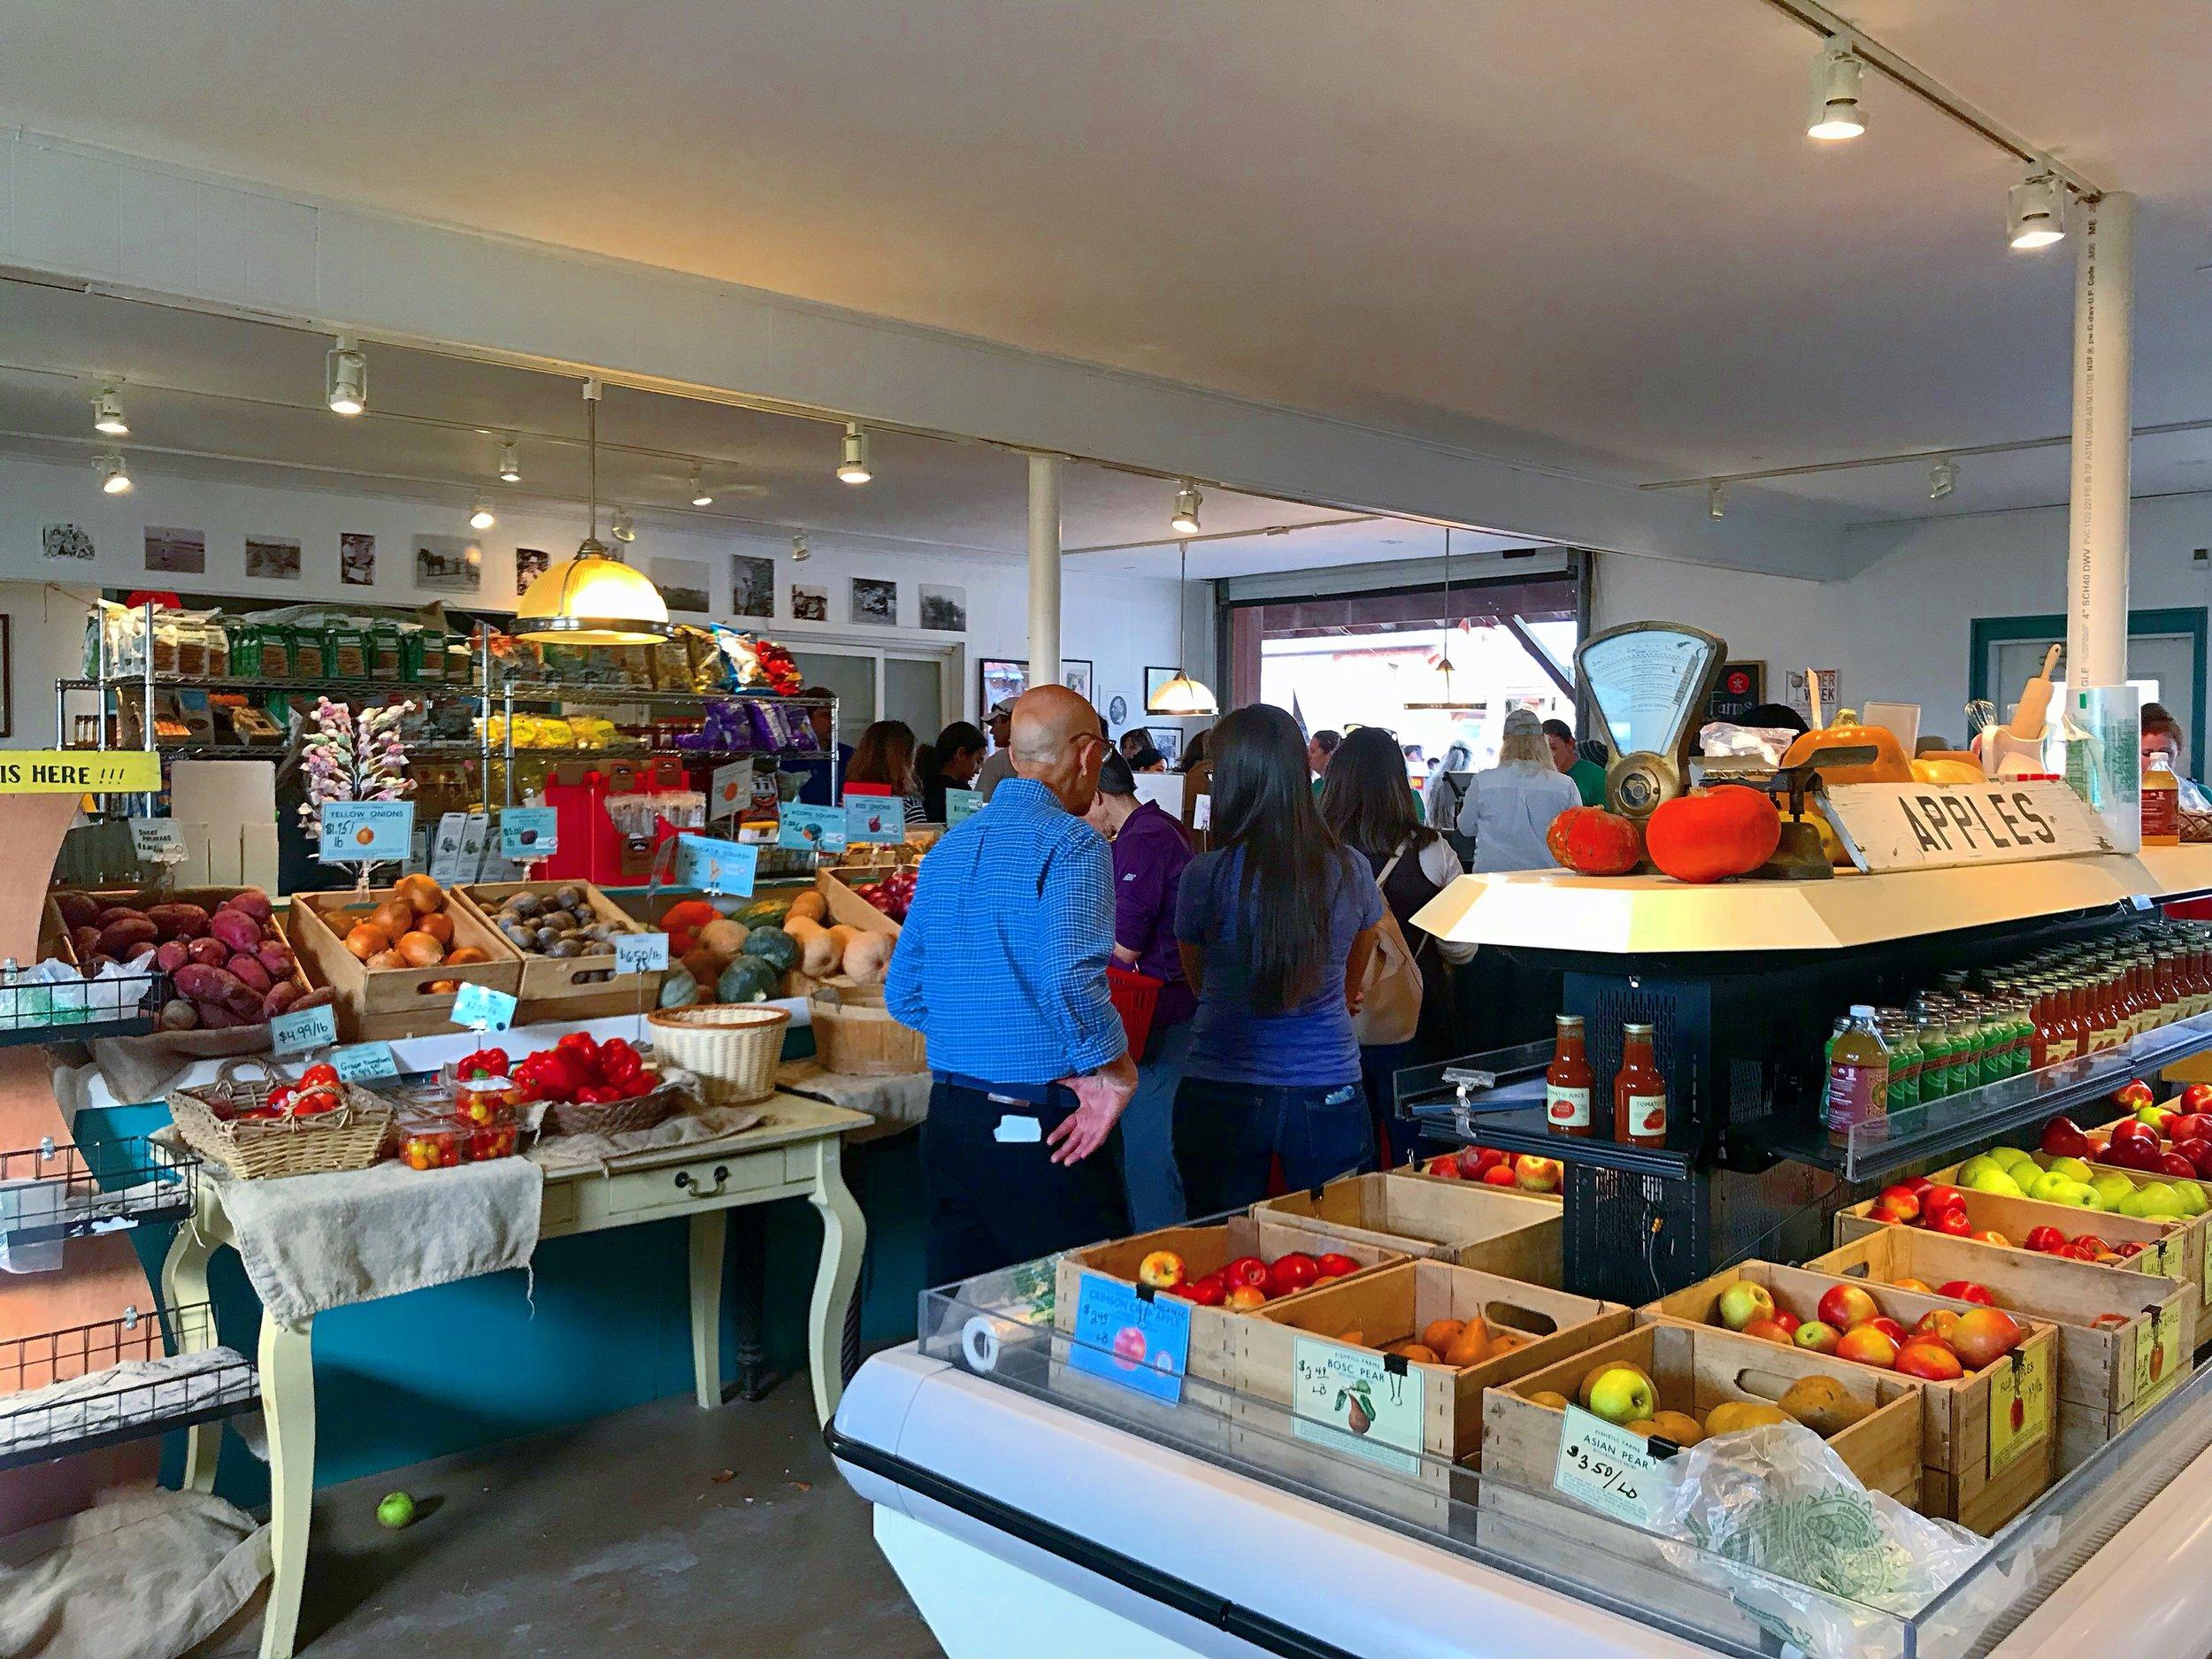 The Store at the Fishkill Farms, NY